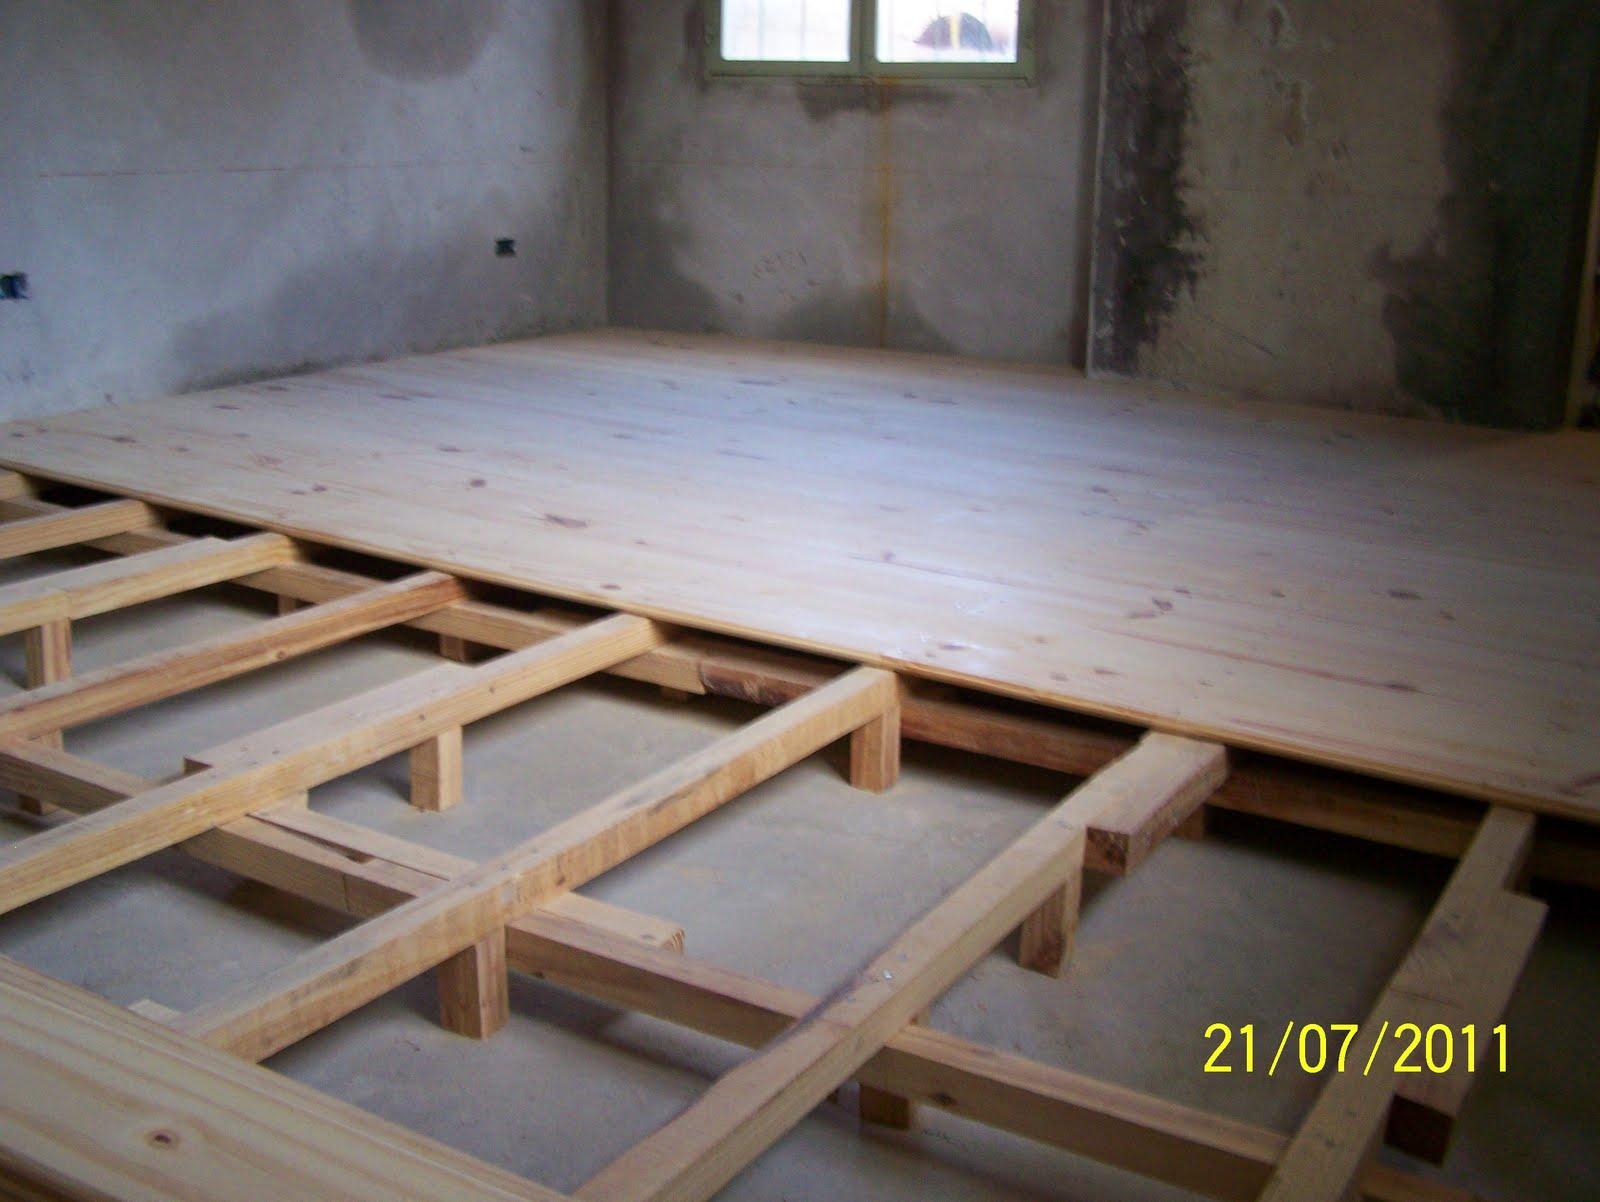 Pisos de madera con machimbre de 1 construcciones livianas for Pisos de bar madera